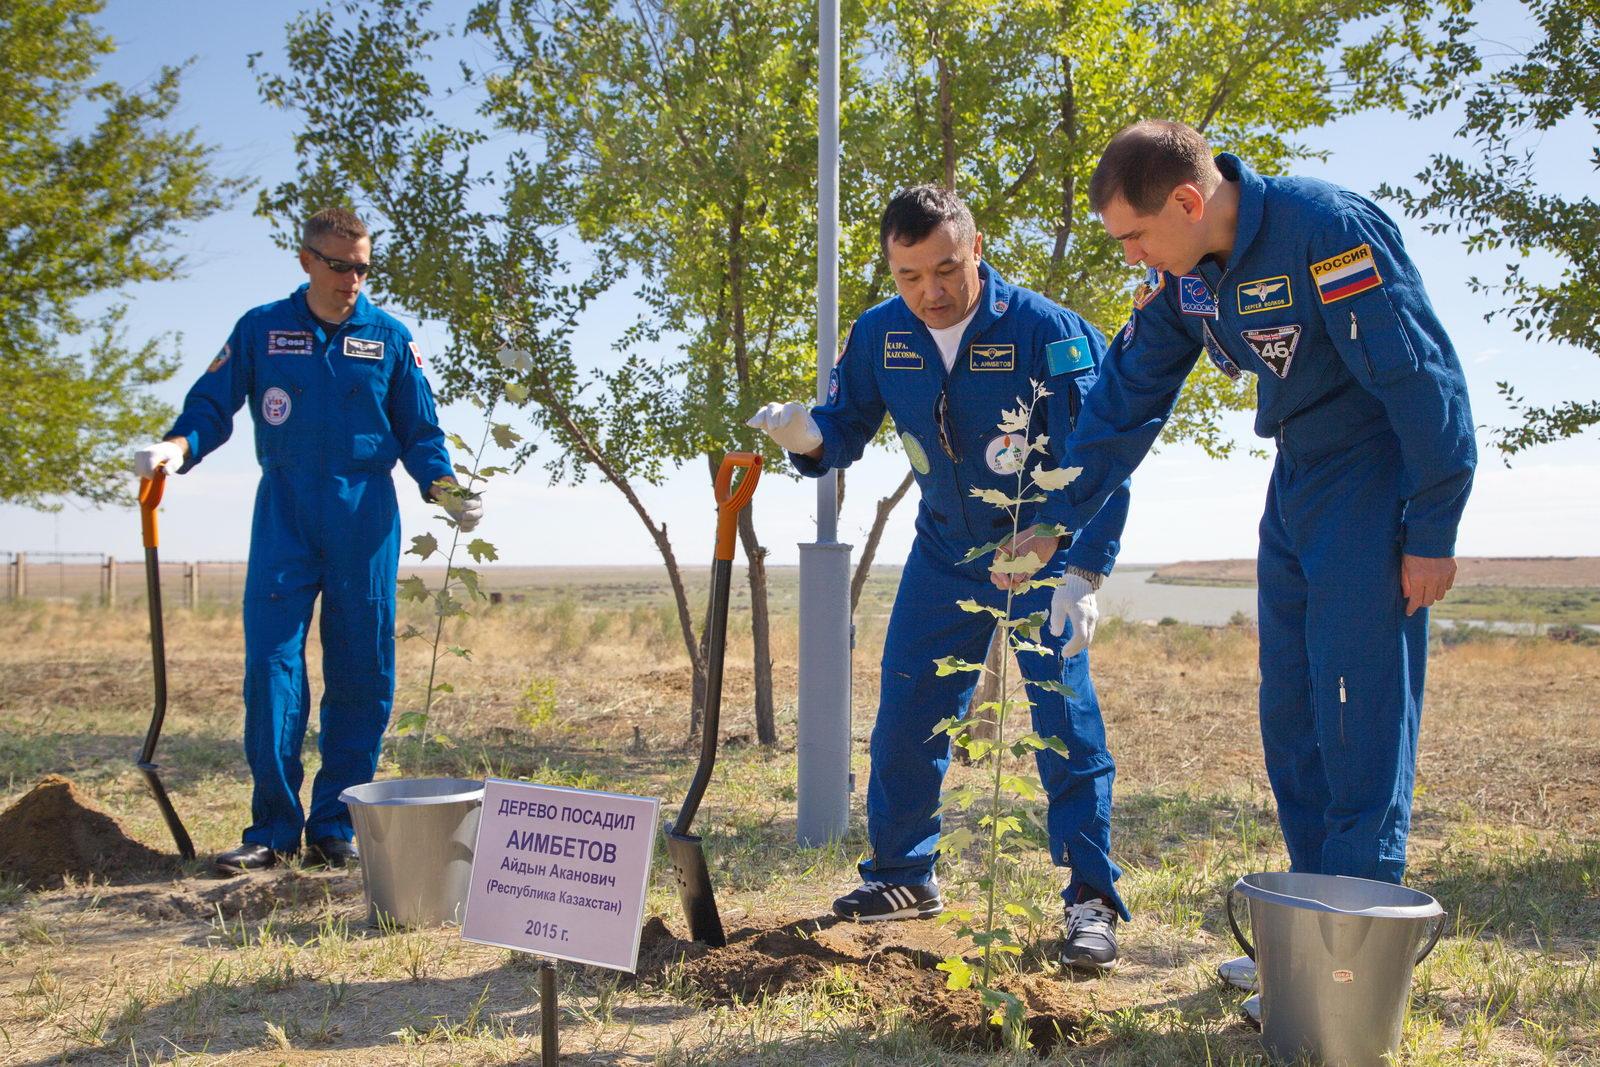 Lancement et retour sur terre de Soyouz TMA-18M  - Page 5 3375765679